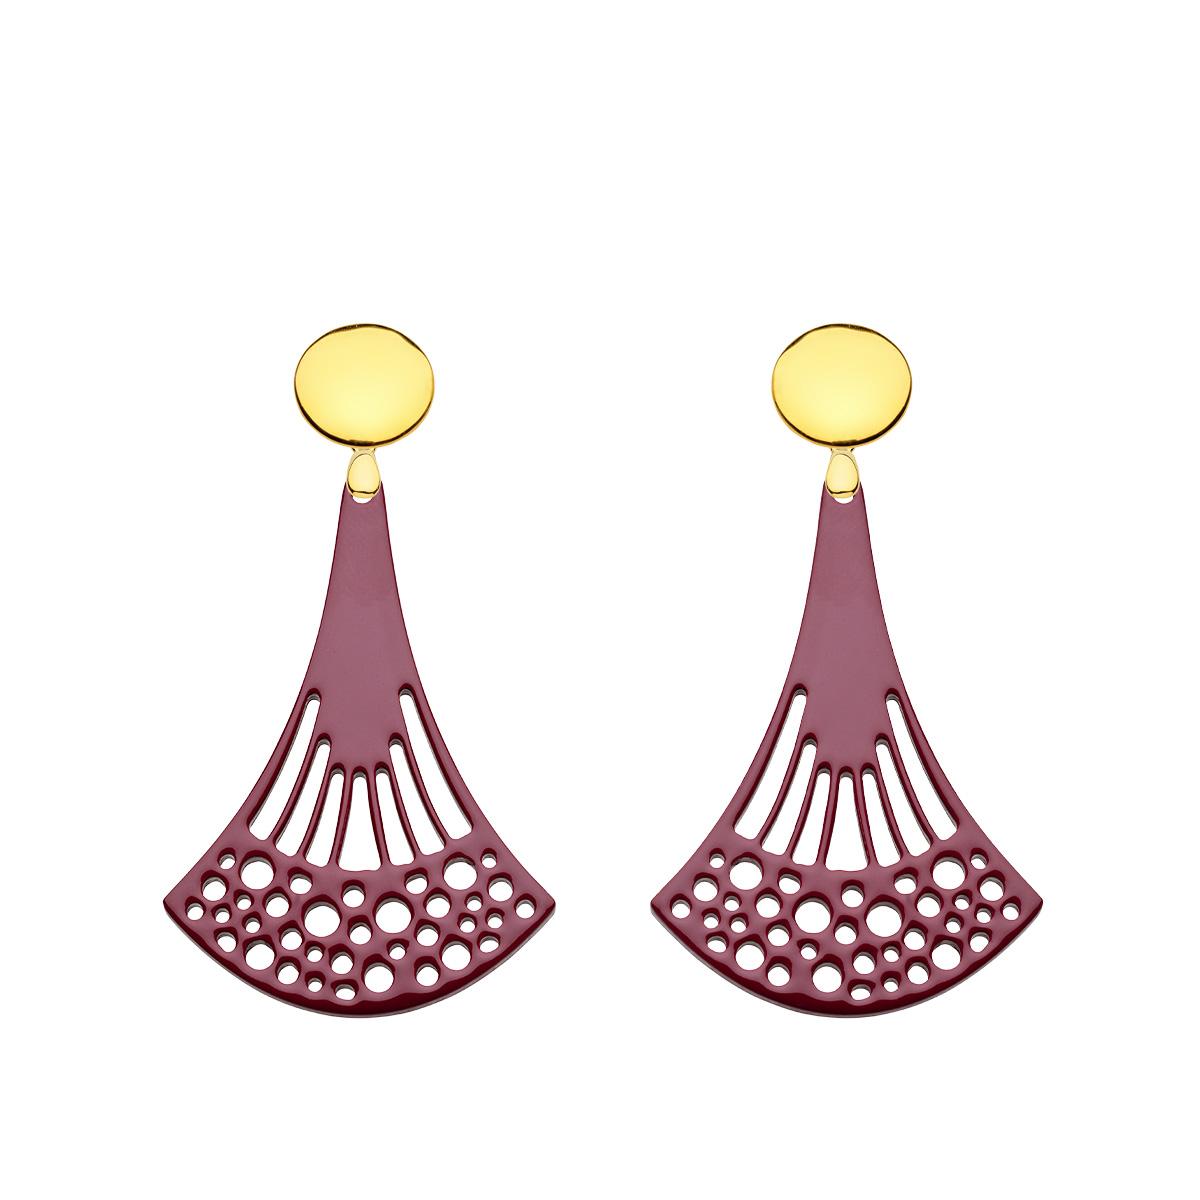 Lange Ohrringe aus Horn in Pflaume mit Goldstecker aus der Ponza Kollektion von Romy North